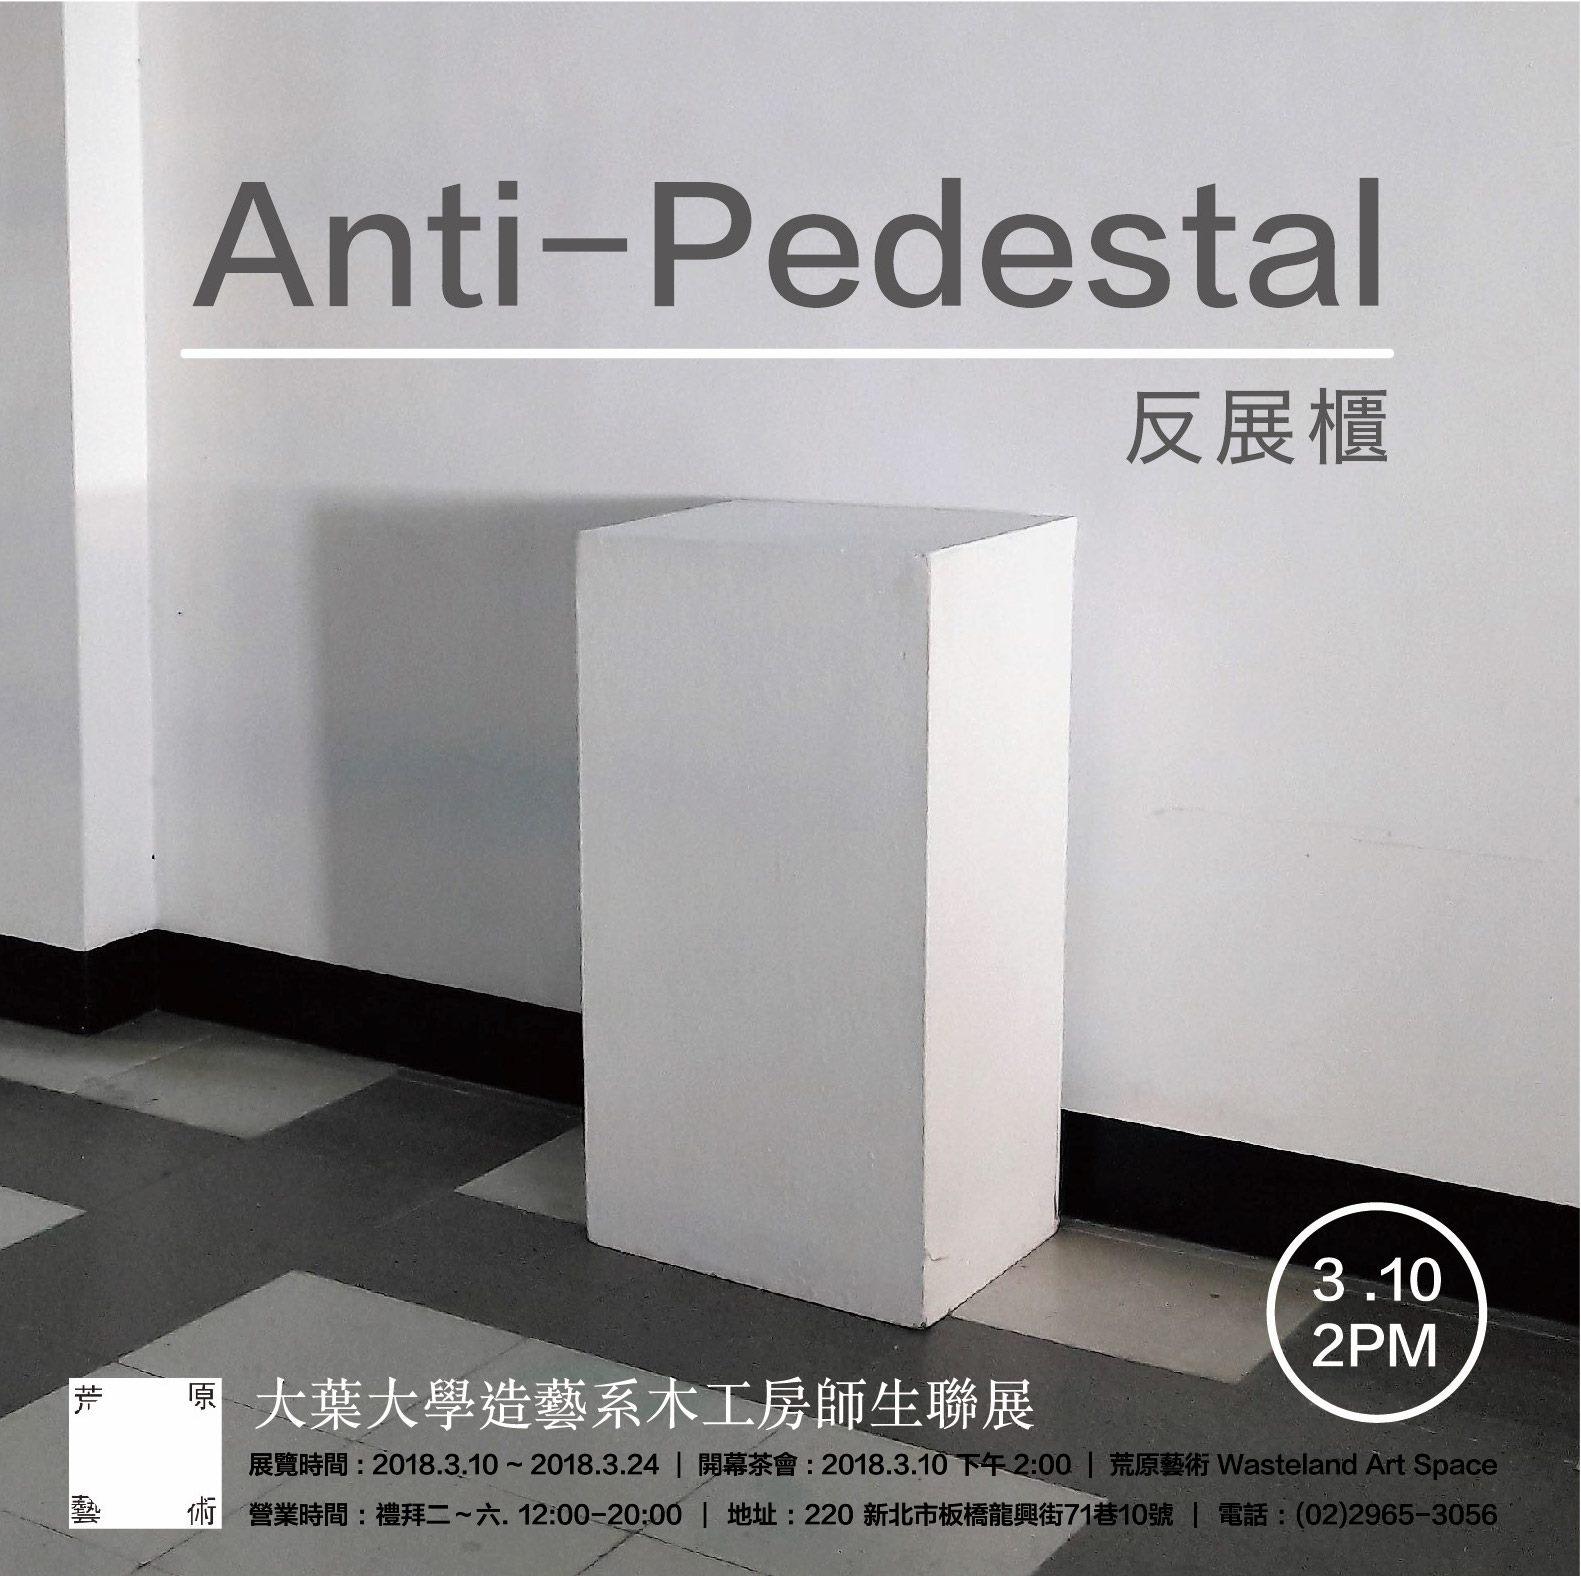 【展覽資訊|[ Anti-Pedestal 反展櫃 ]– 大葉大學造藝系木工房師生聯展】